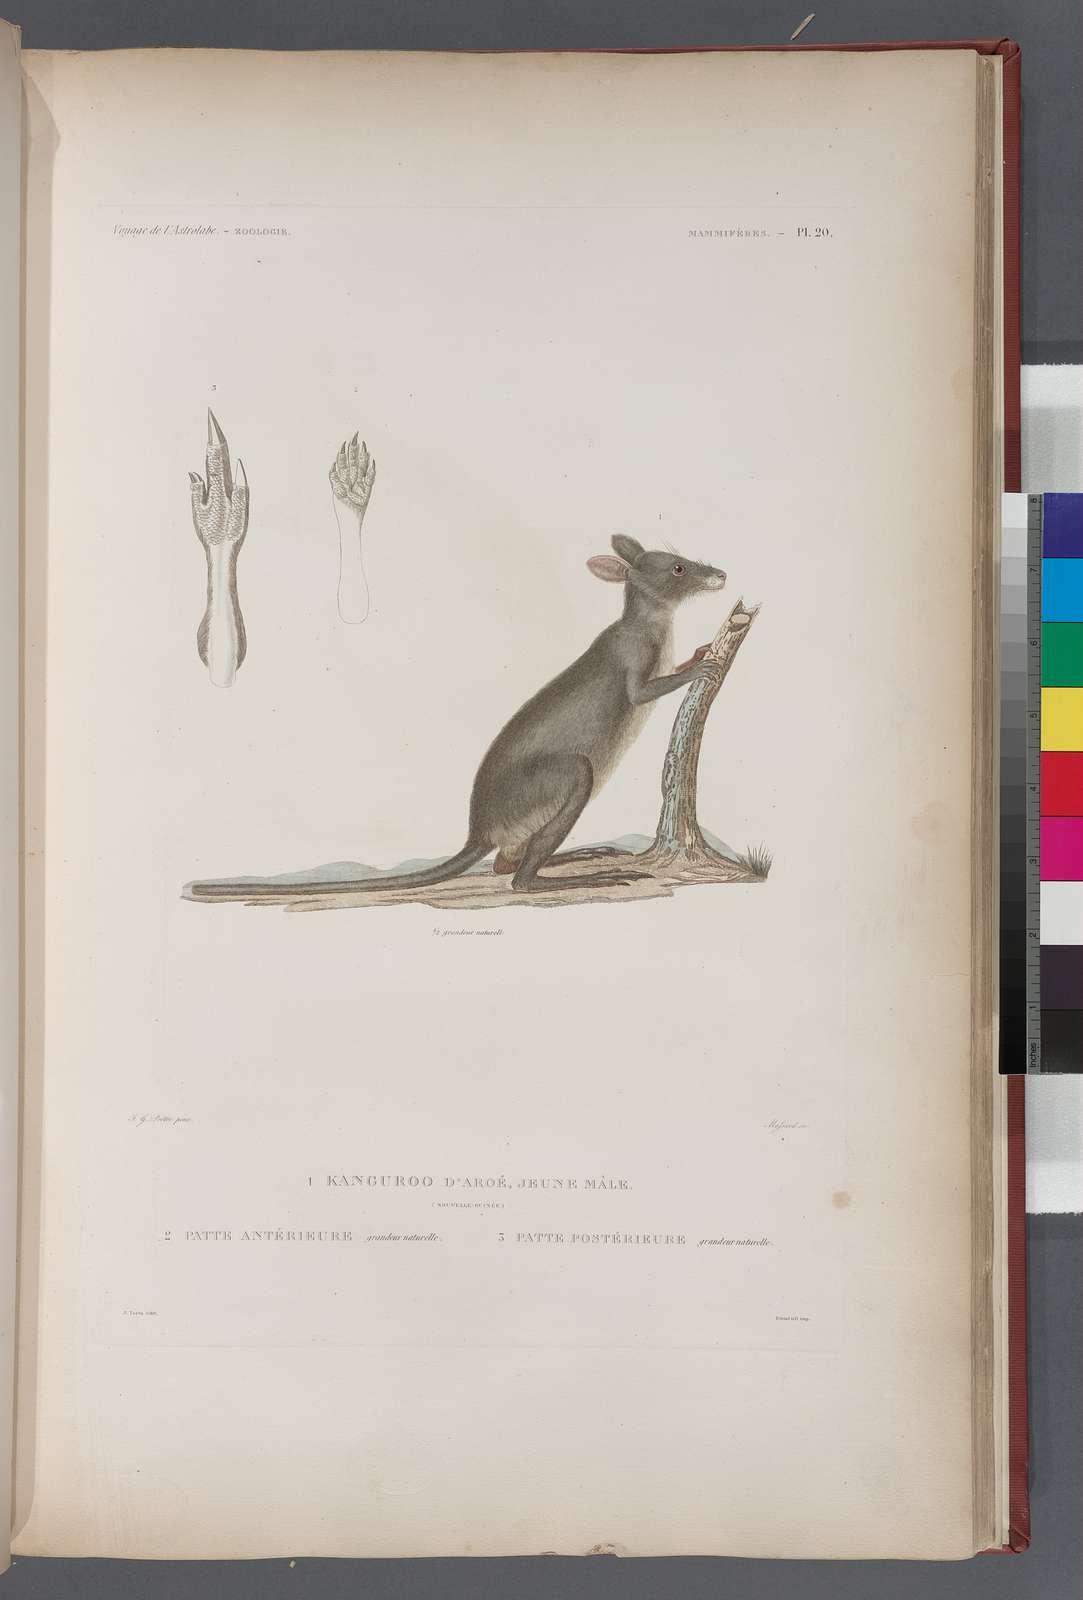 Mammifères: 1. Kanguroo d' aroe, jeune mâle. (Nouvelle-Guine); 2. Patte Antériwure, grandeur naturelle; 3. Patte postérieure, grandeur naturelle.